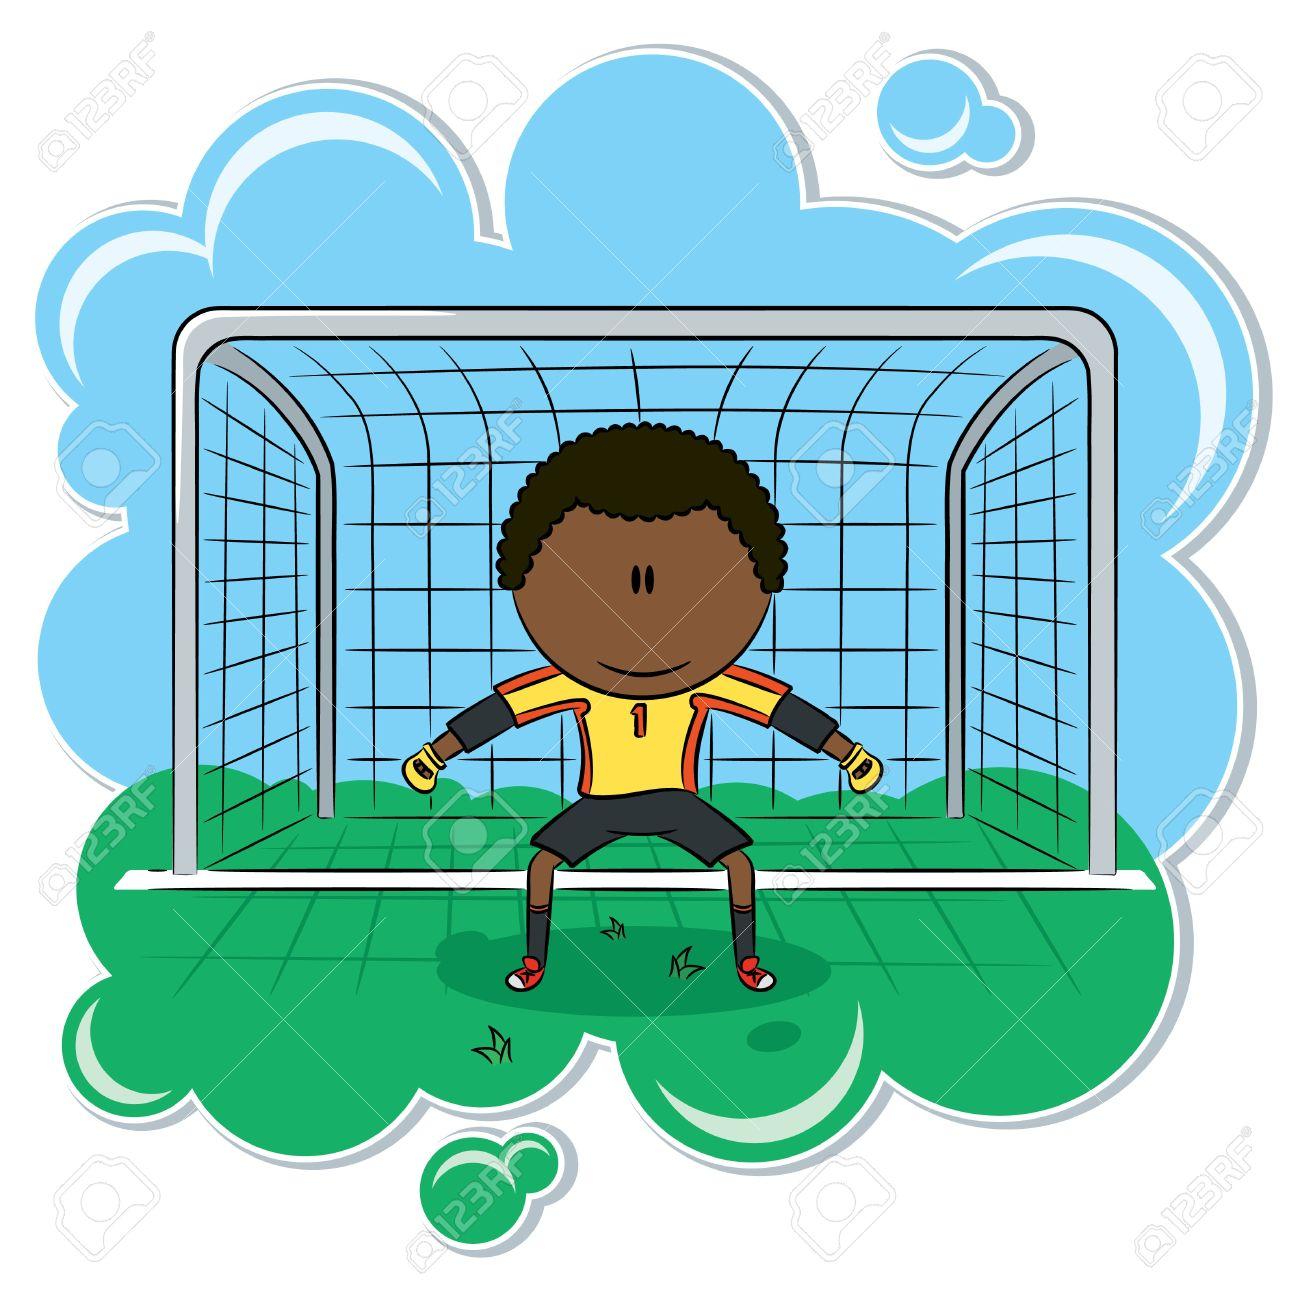 Goalie soccer clipart.